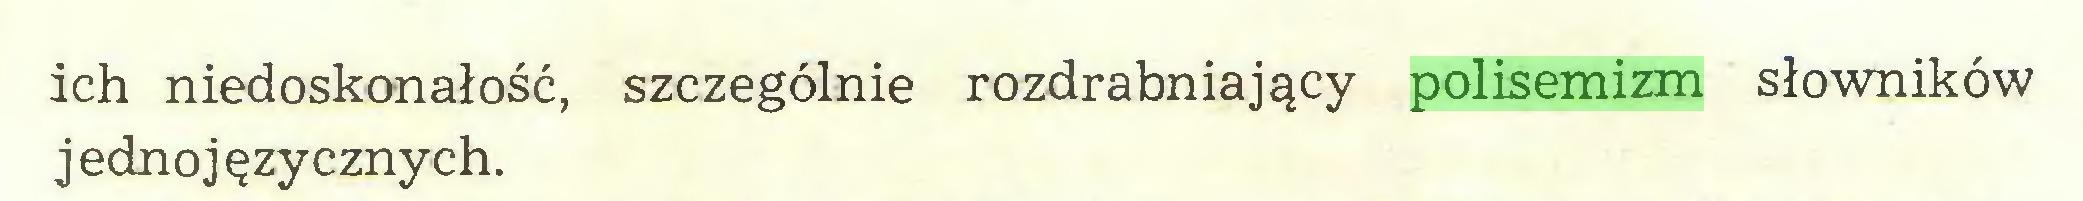 (...) ich niedoskonałość, szczególnie rozdrabniający polisemizm słowników jednojęzycznych...